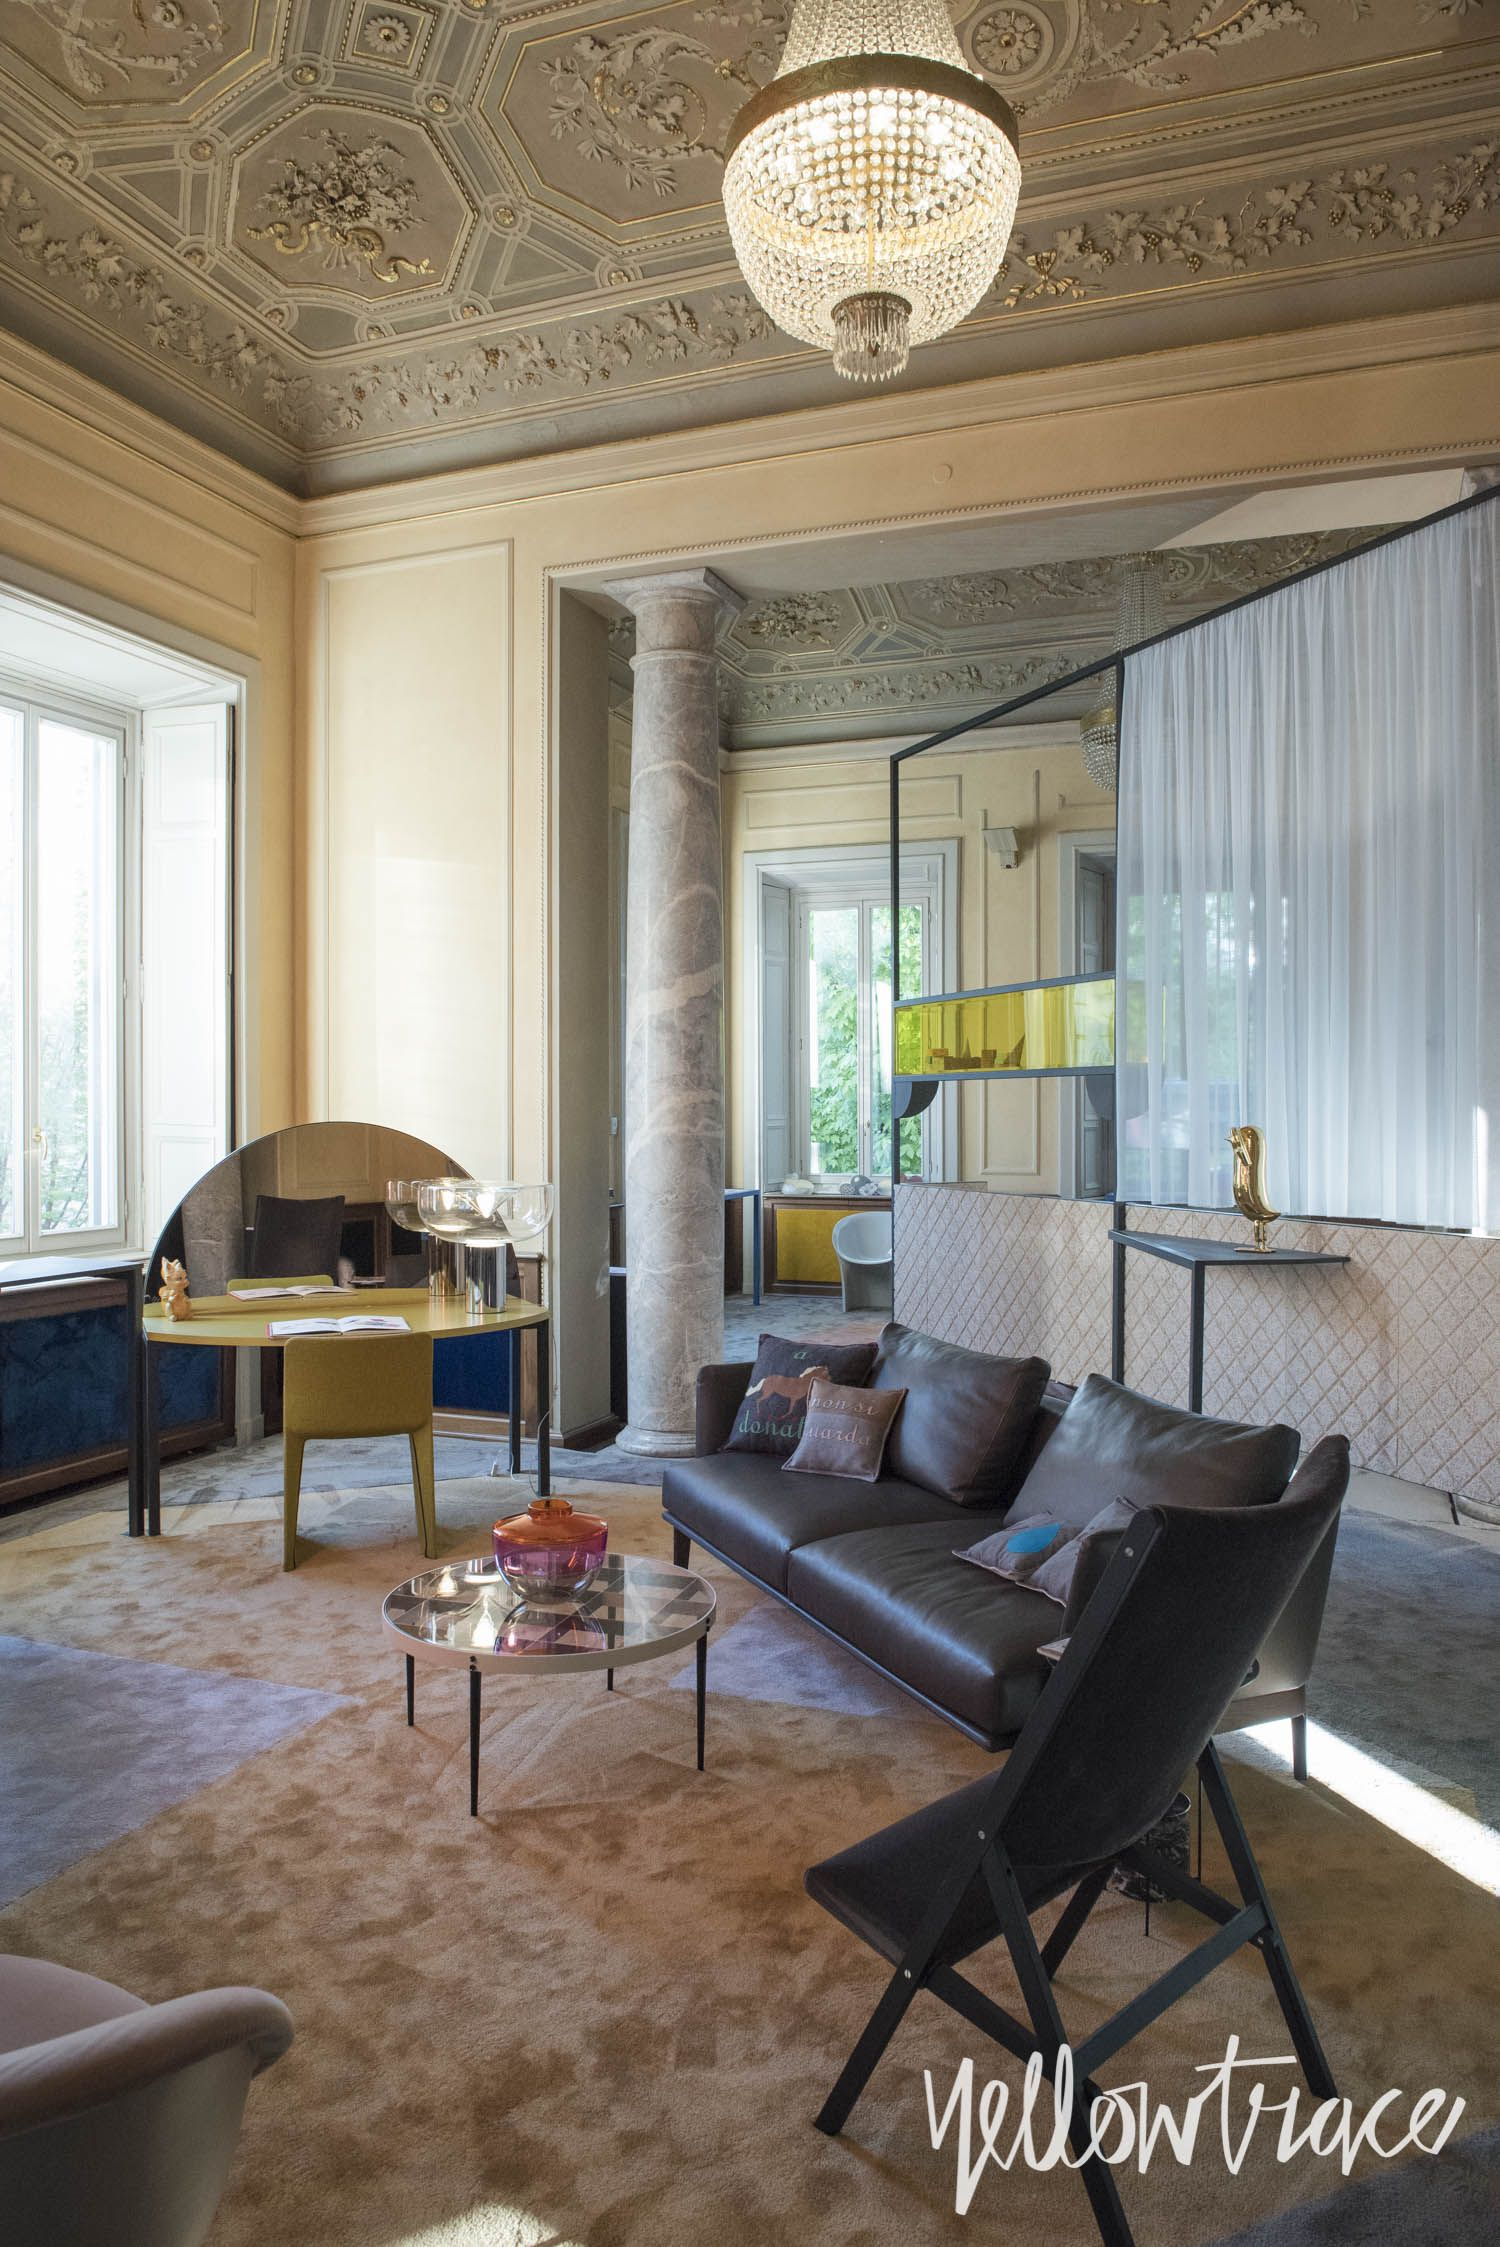 Soft home elle decor italia elle decor interiors and for Elle decor italia